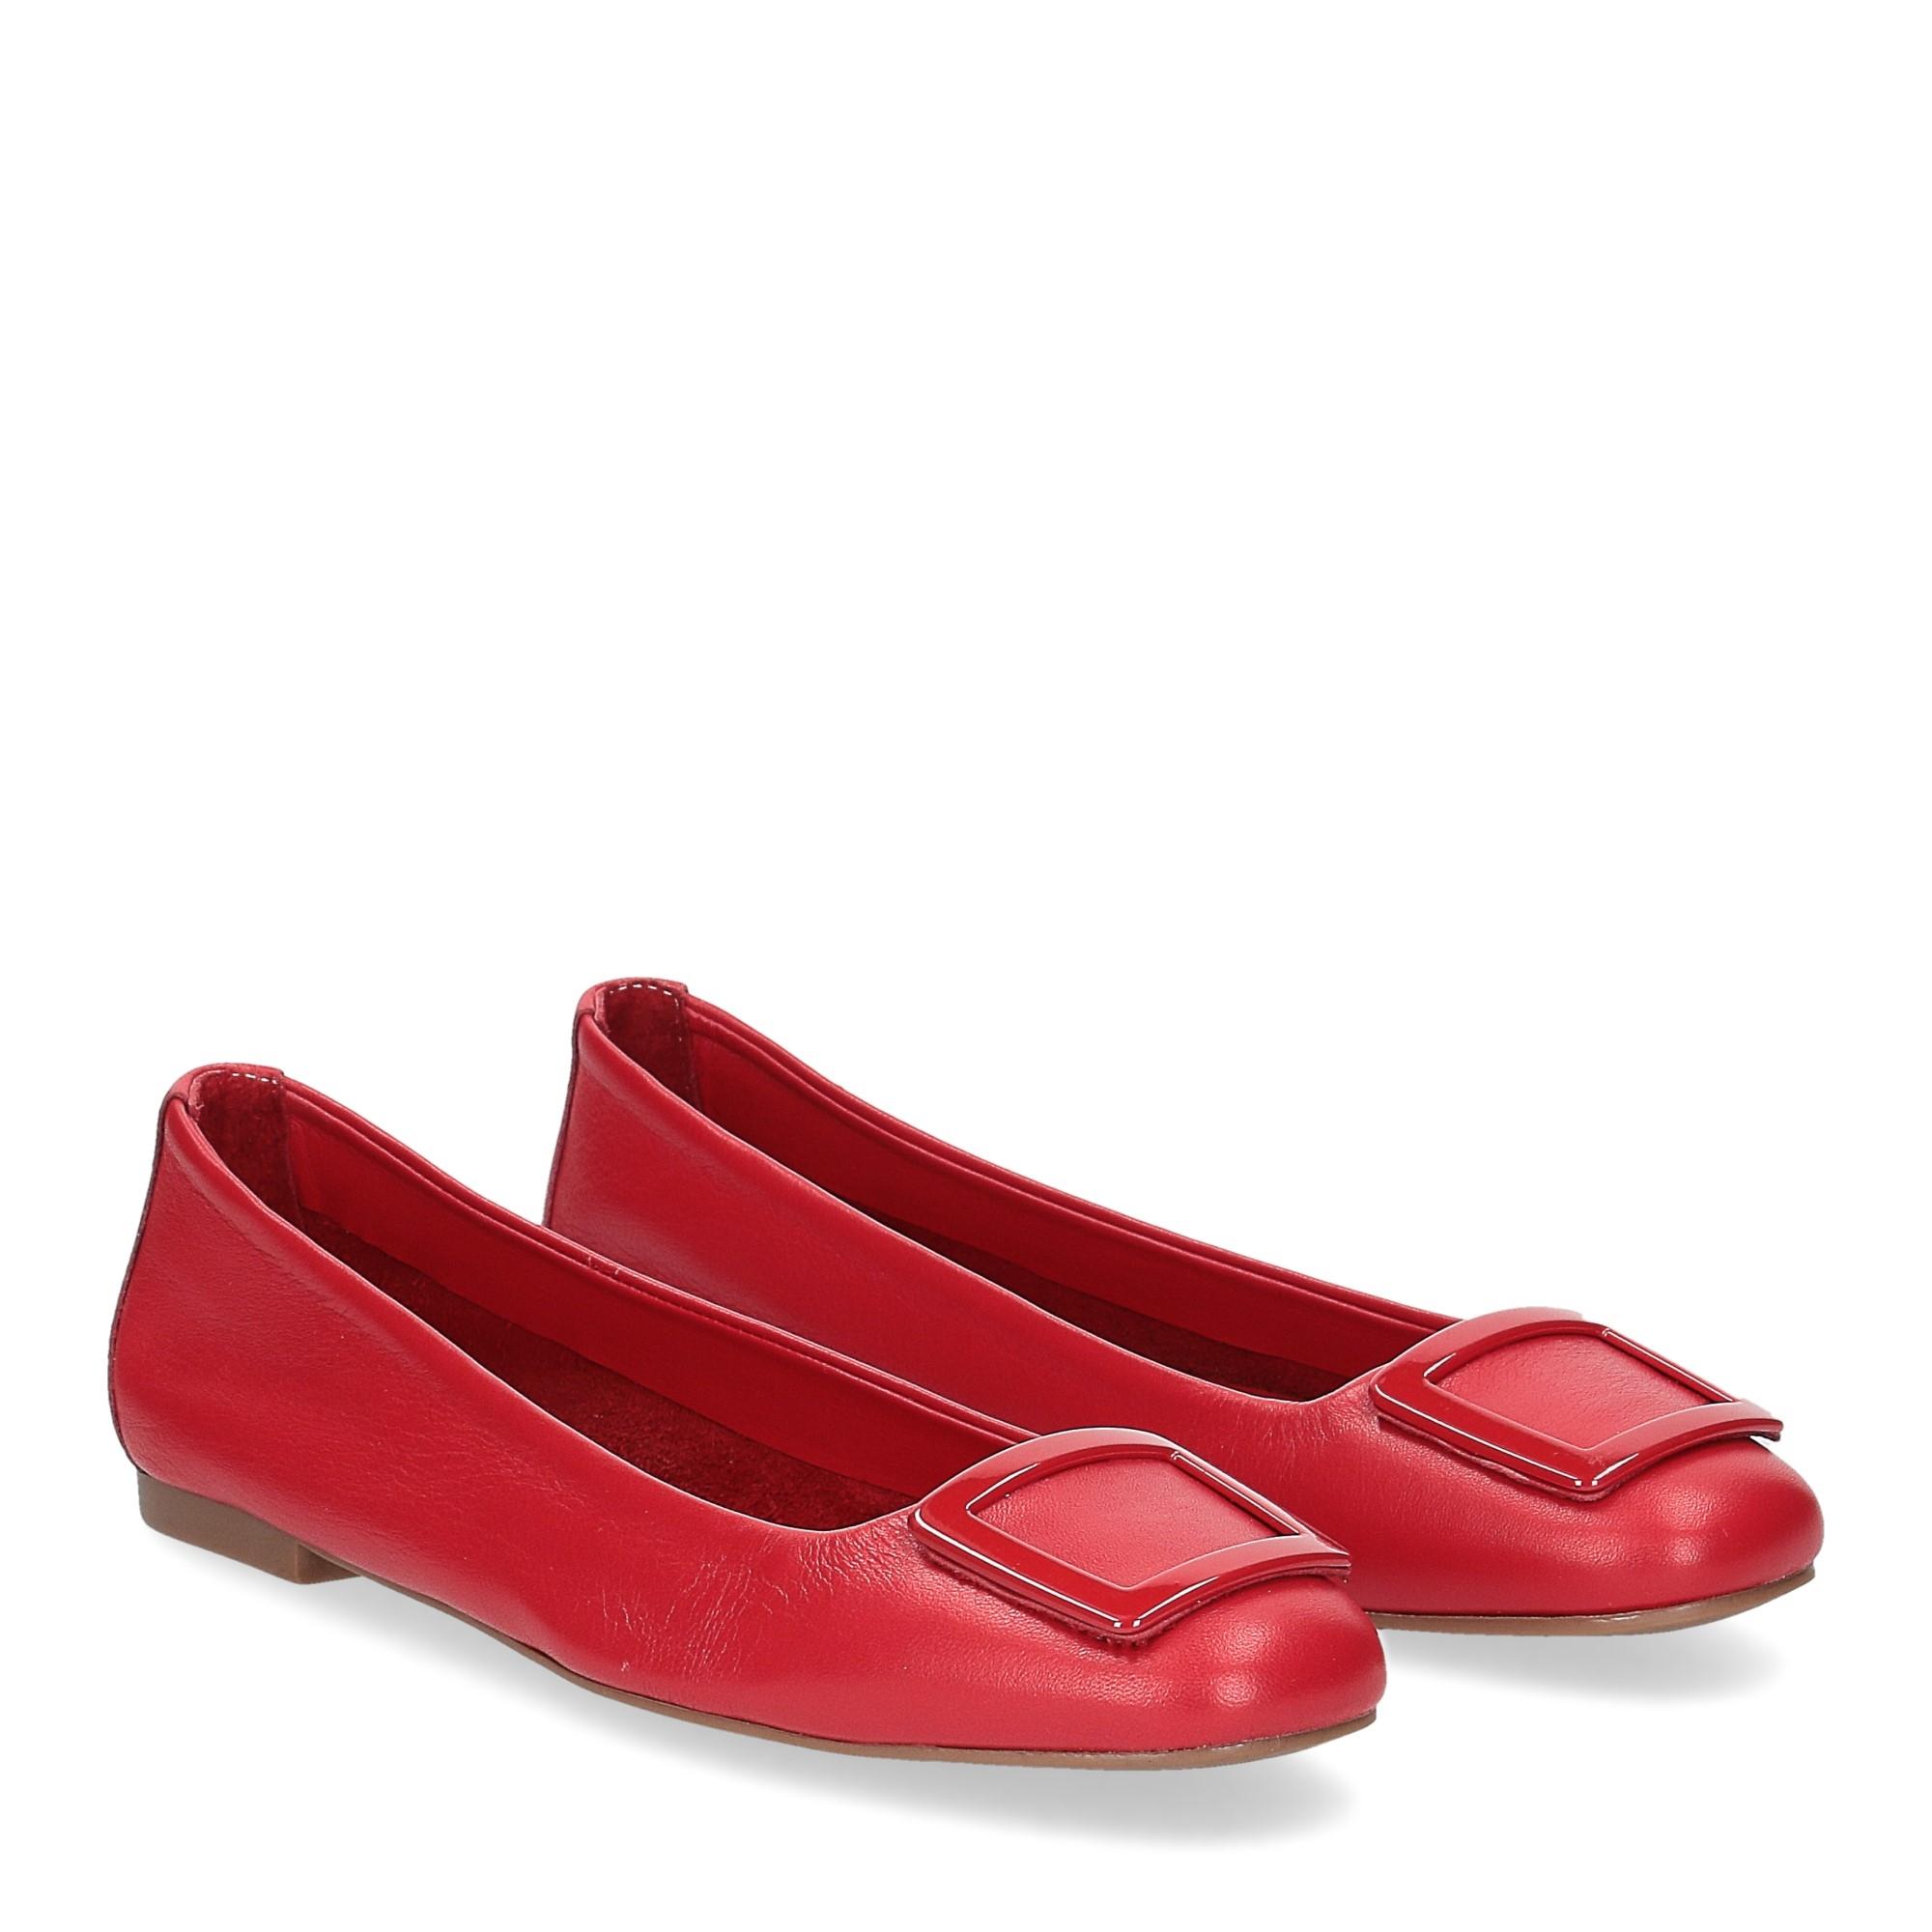 Il Laccio ballerina 18107 fibbia pelle rossa